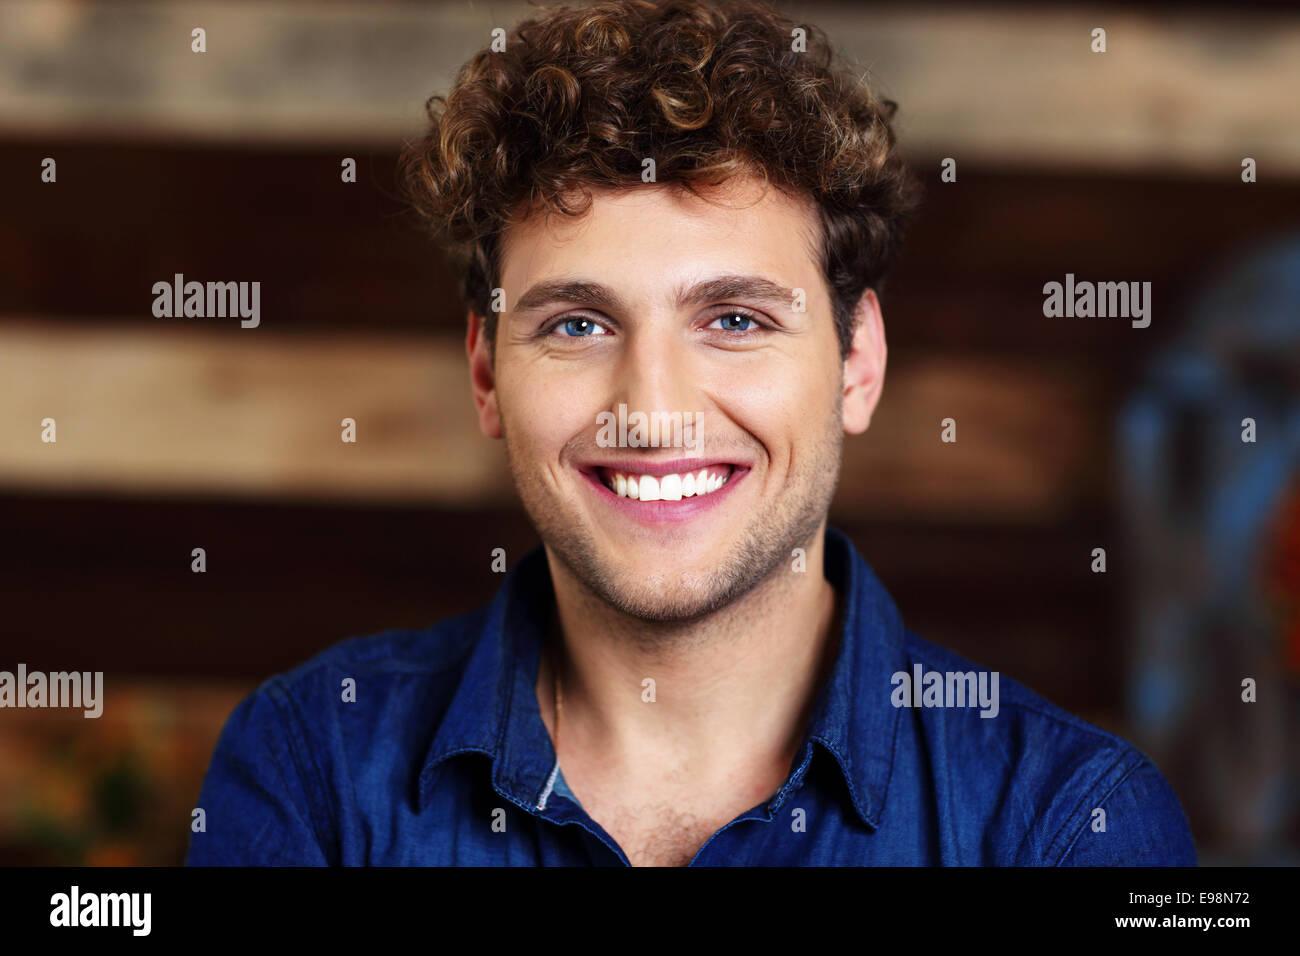 Retrato de un sonriente guapo con el pelo rizado Imagen De Stock